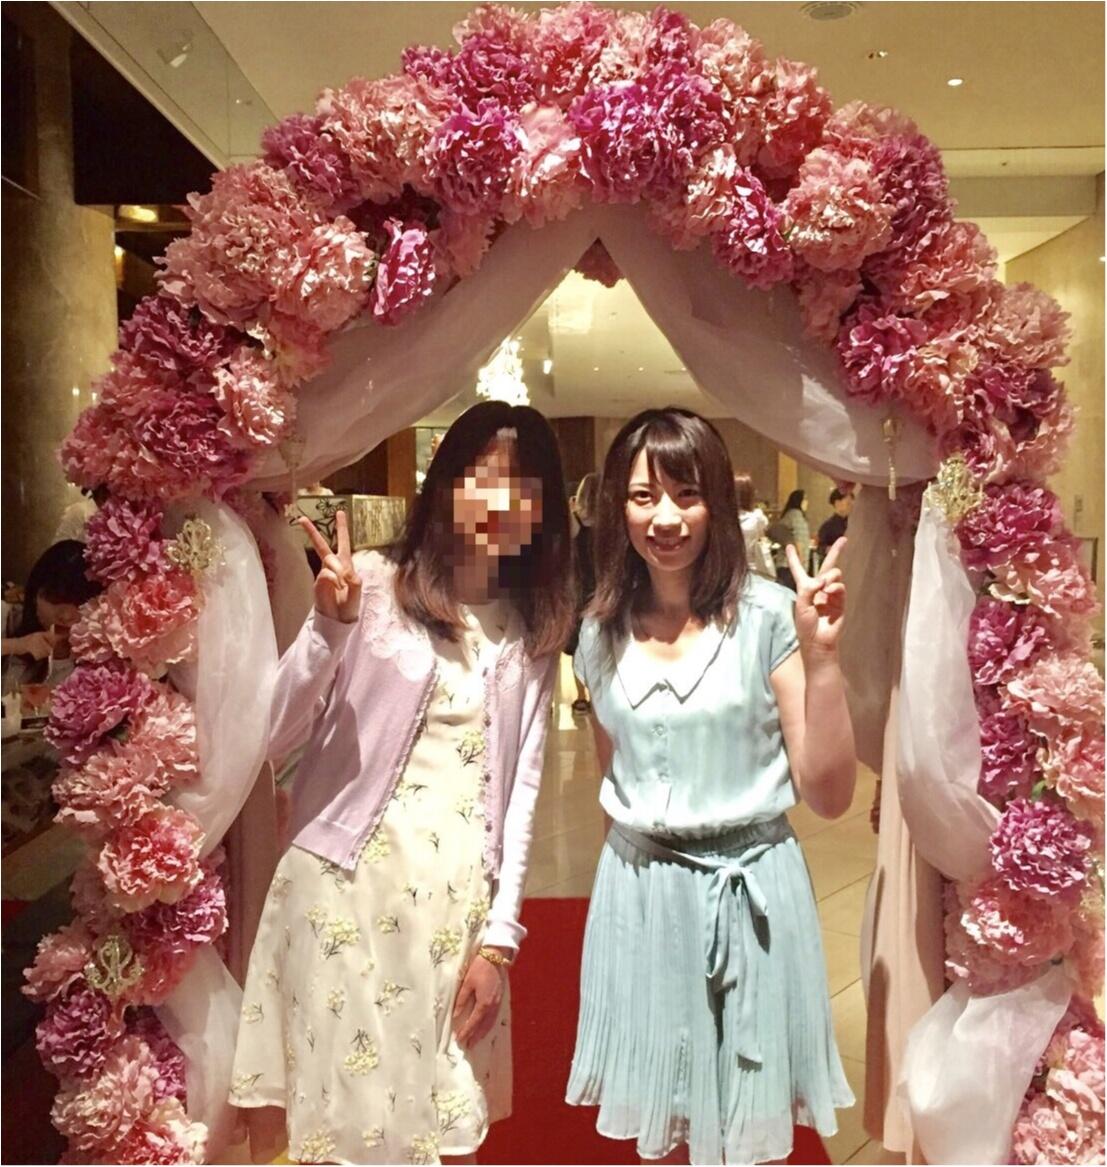 女の子の憧れが詰まった空間♡ヒルトン東京の今季のブッフェは《マリーアントワネットの結婚》がテーマ・:*_6